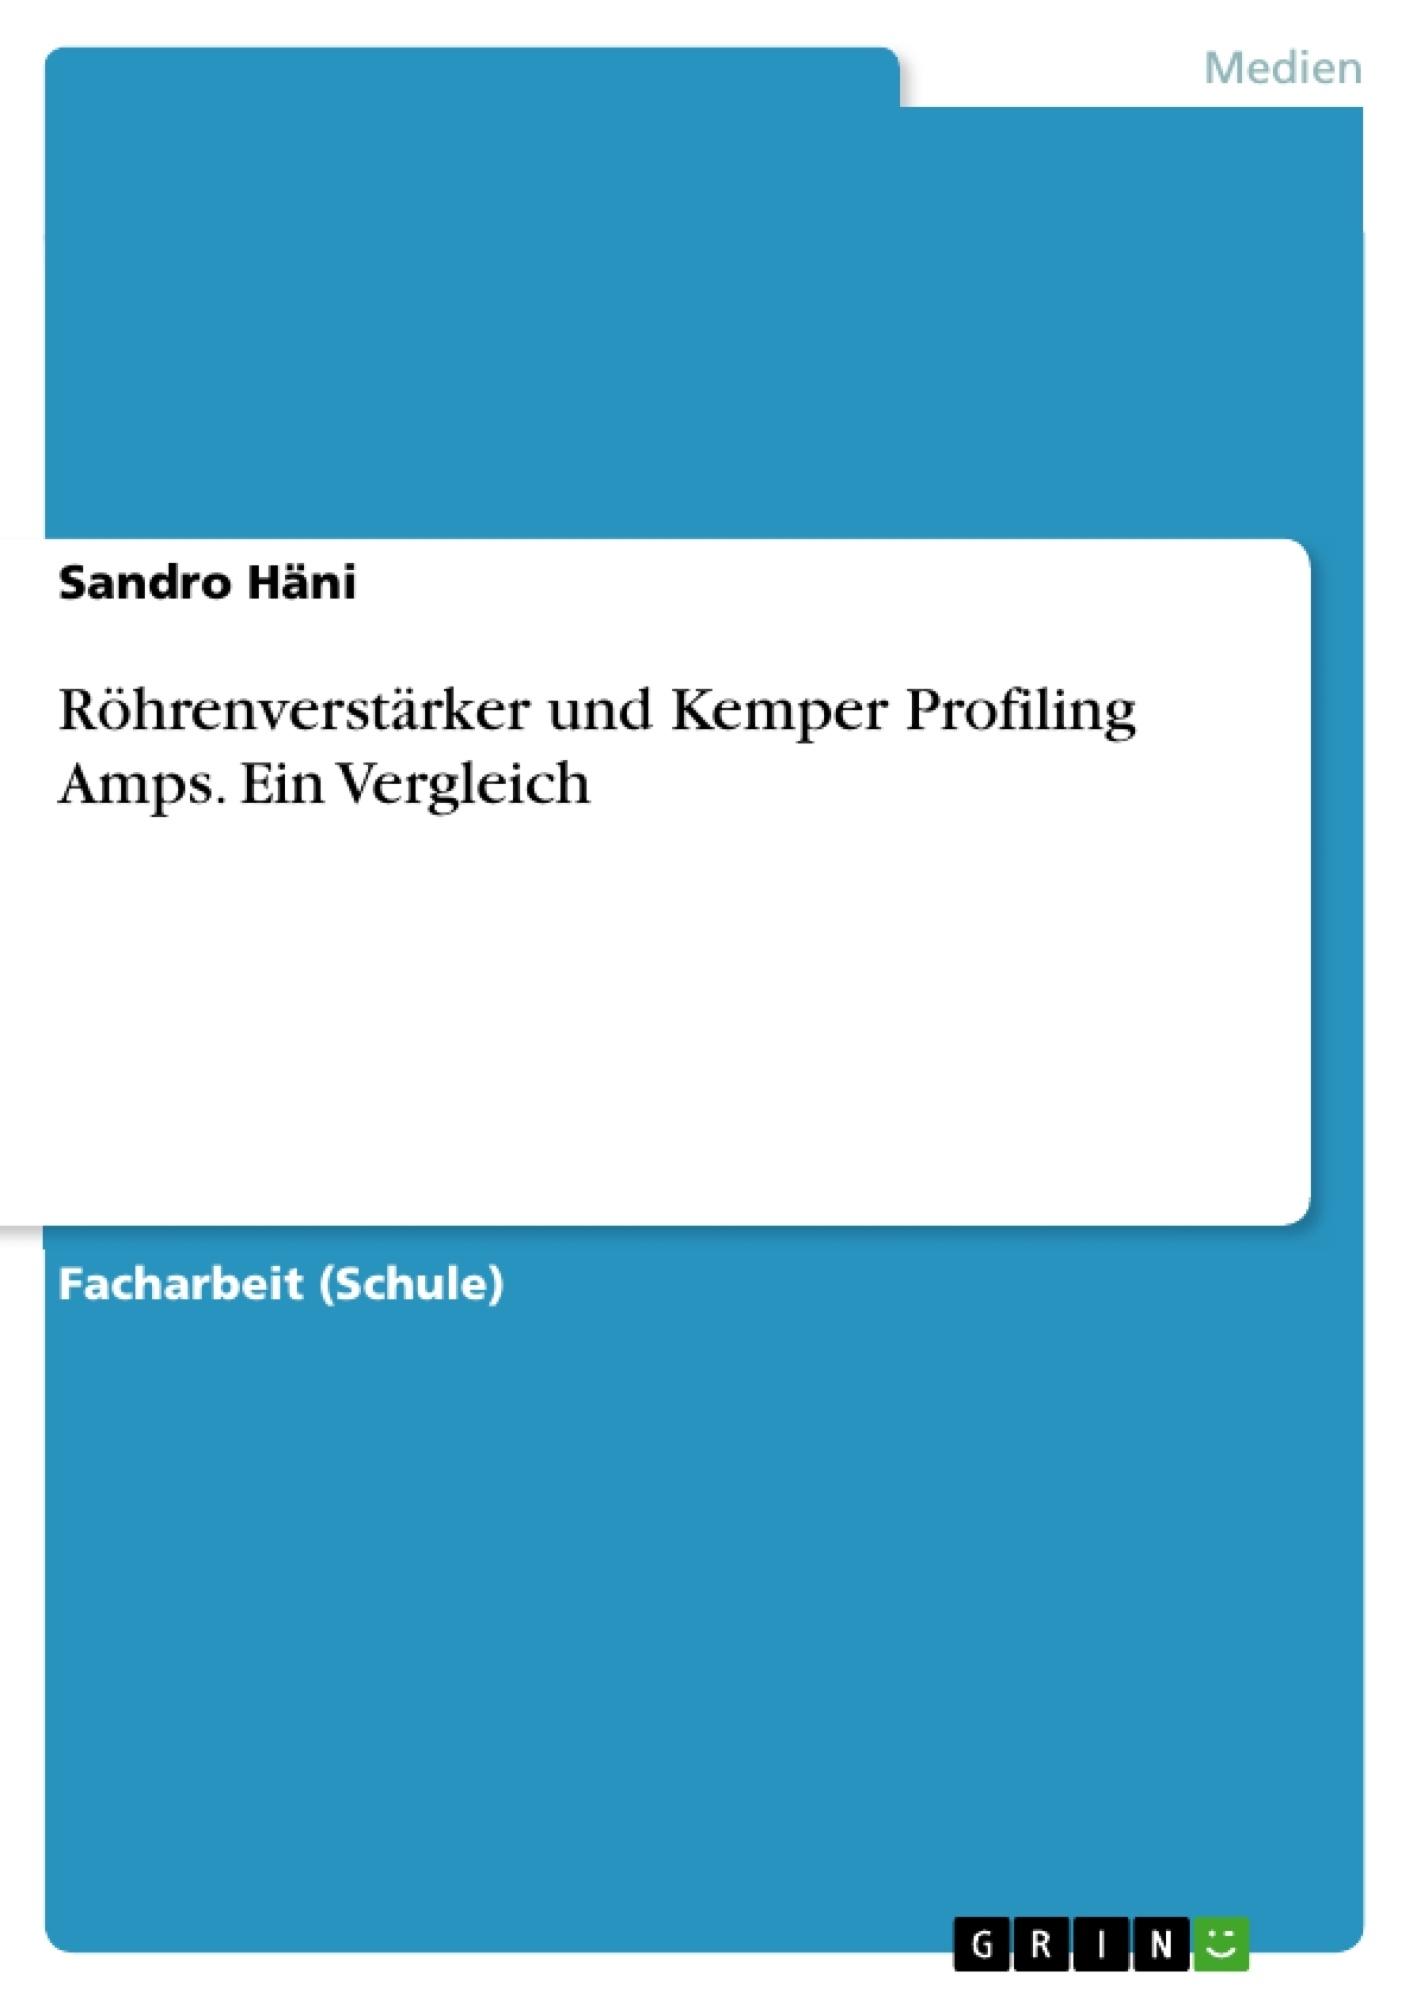 Titel: Röhrenverstärker und Kemper Profiling Amps. Ein Vergleich